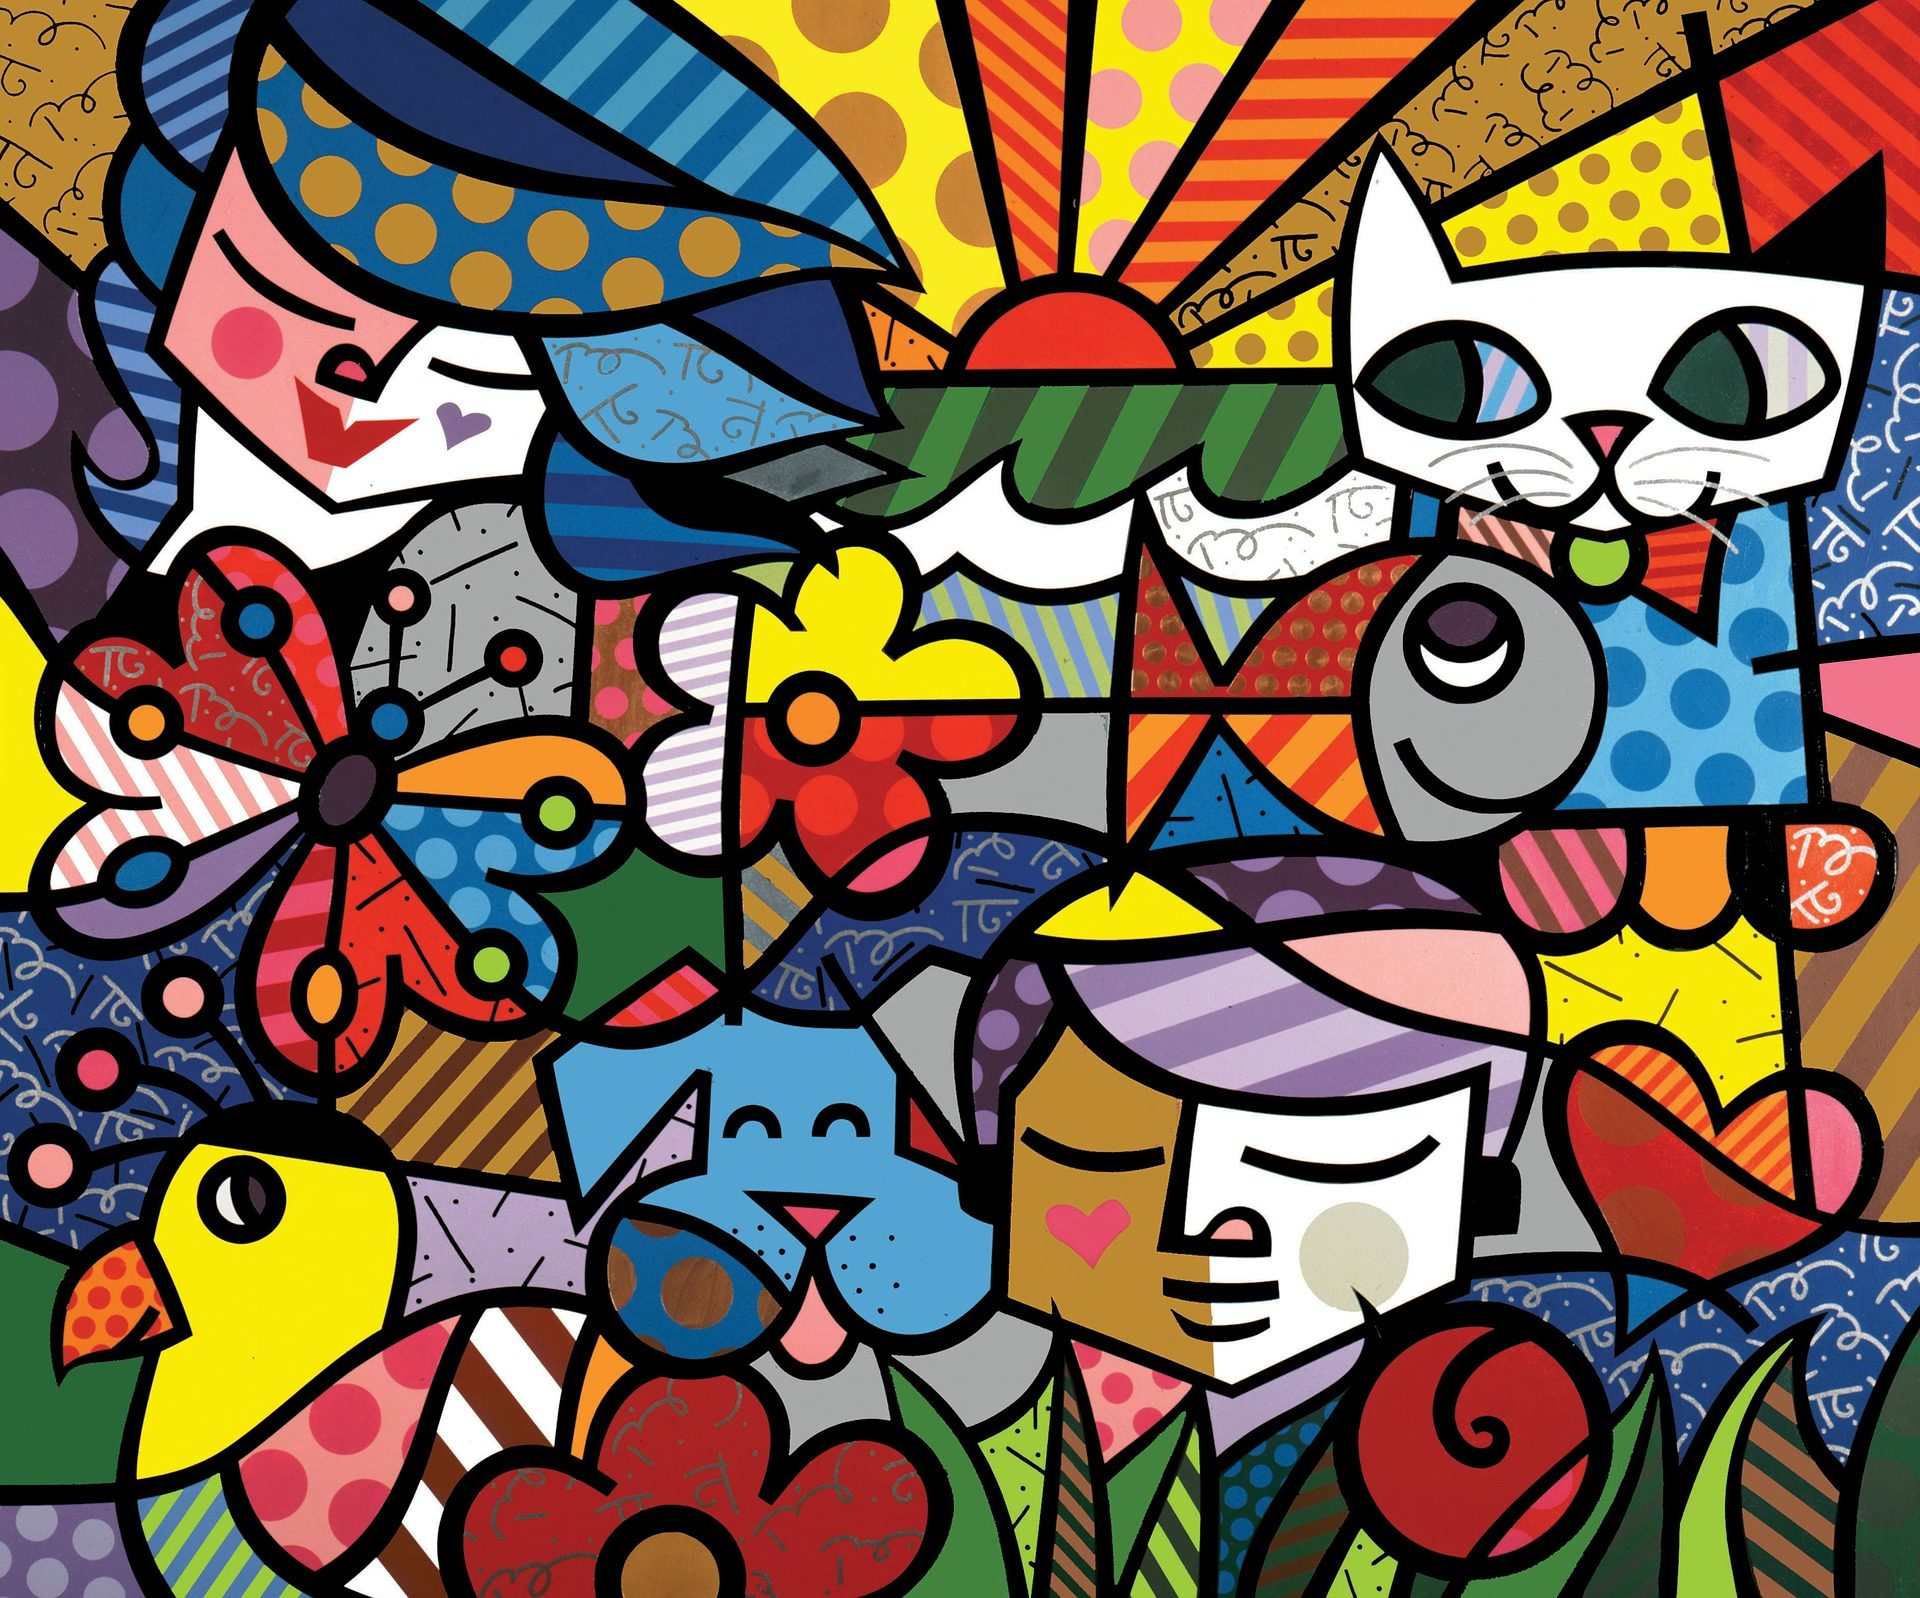 gato, cão, mulheres, peixe, colorido - Papéis de parede HD - Professor-falken.com